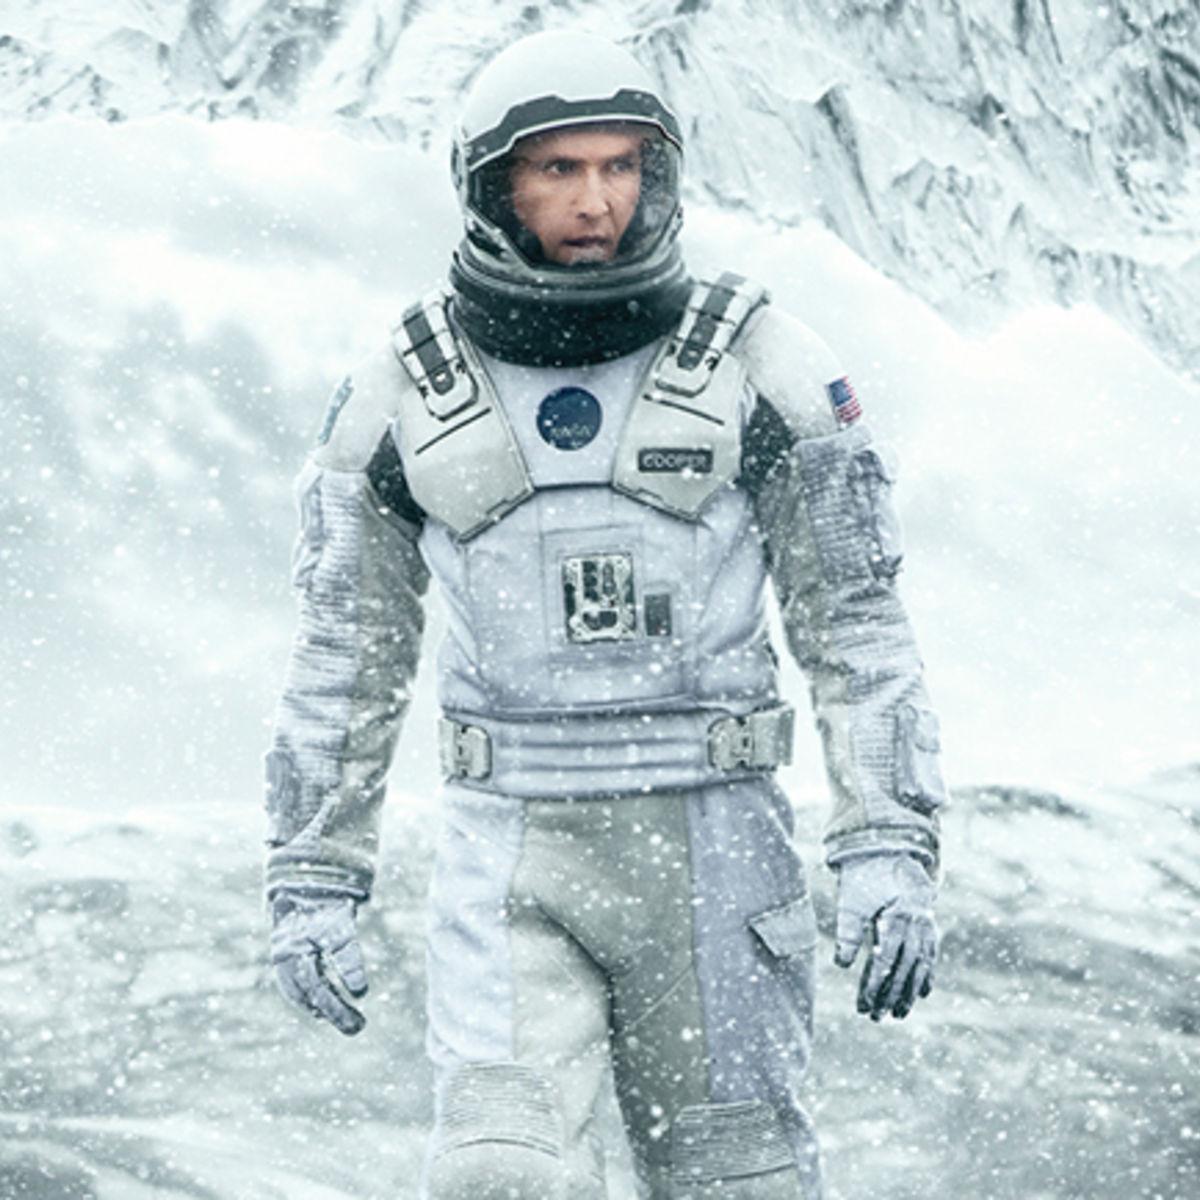 interstellar-film-matthew-mcconaughey-paramount-pictures_0.jpg